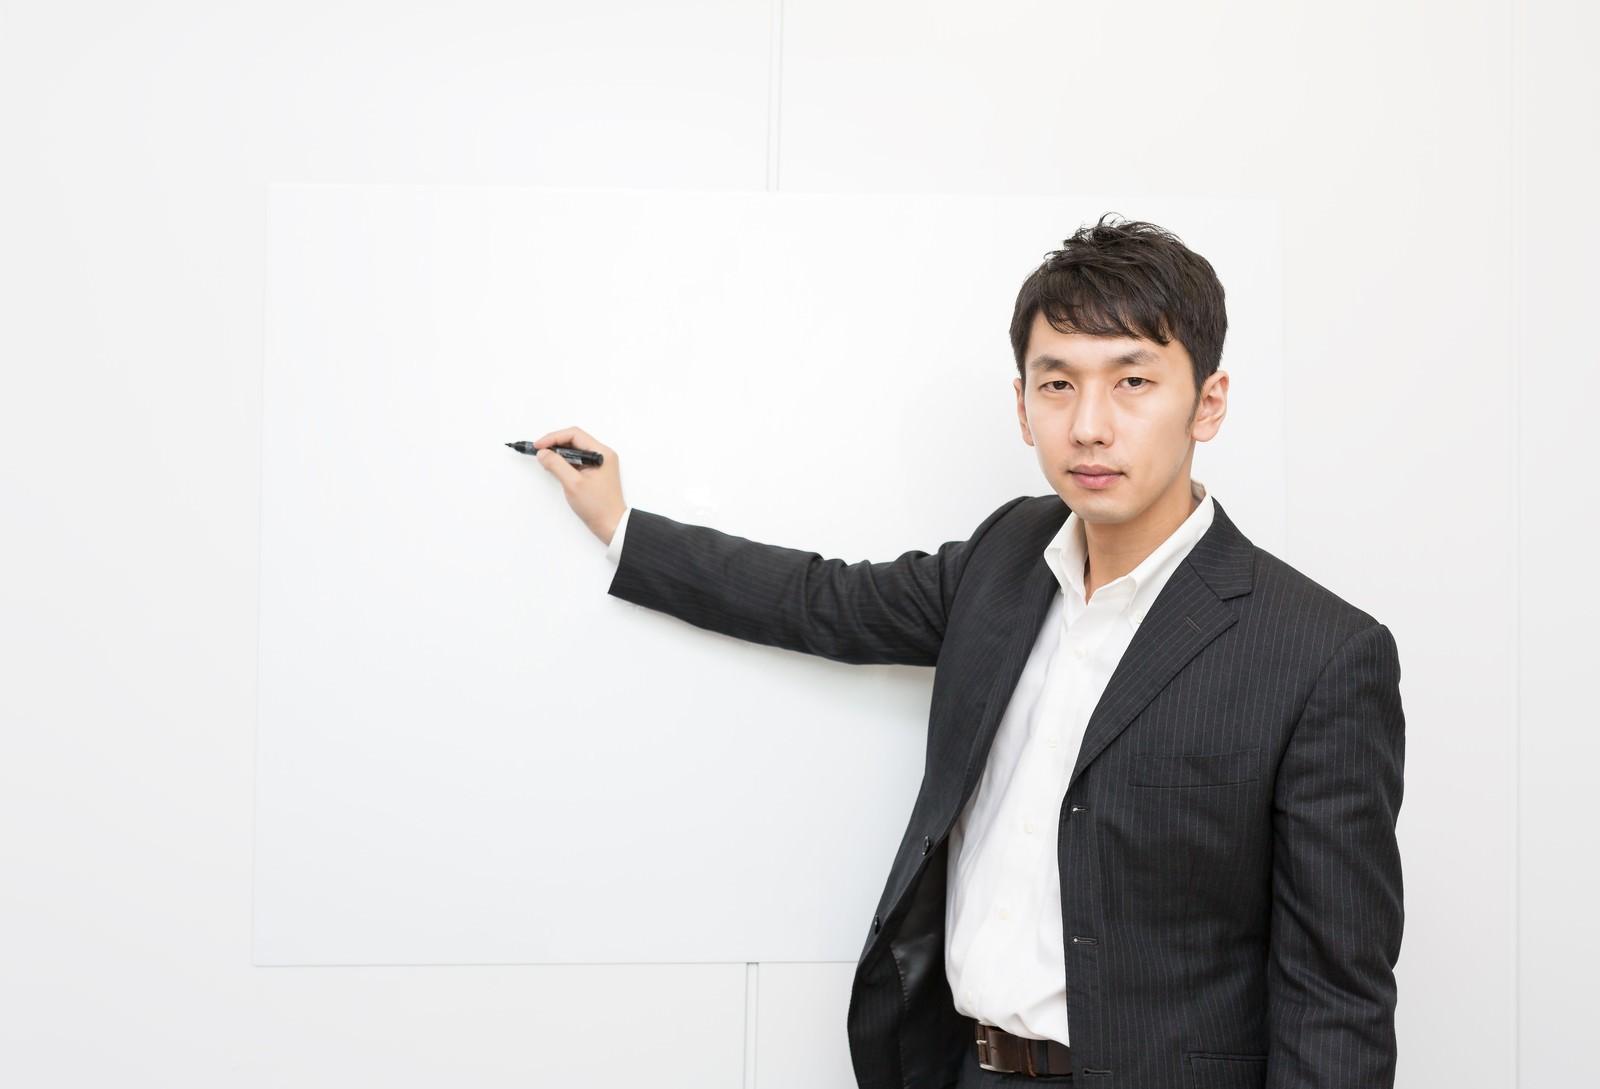 「ホワイトボードを使ってプレゼンするホワイト企業の社員ホワイトボードを使ってプレゼンするホワイト企業の社員」[モデル:大川竜弥]のフリー写真素材を拡大